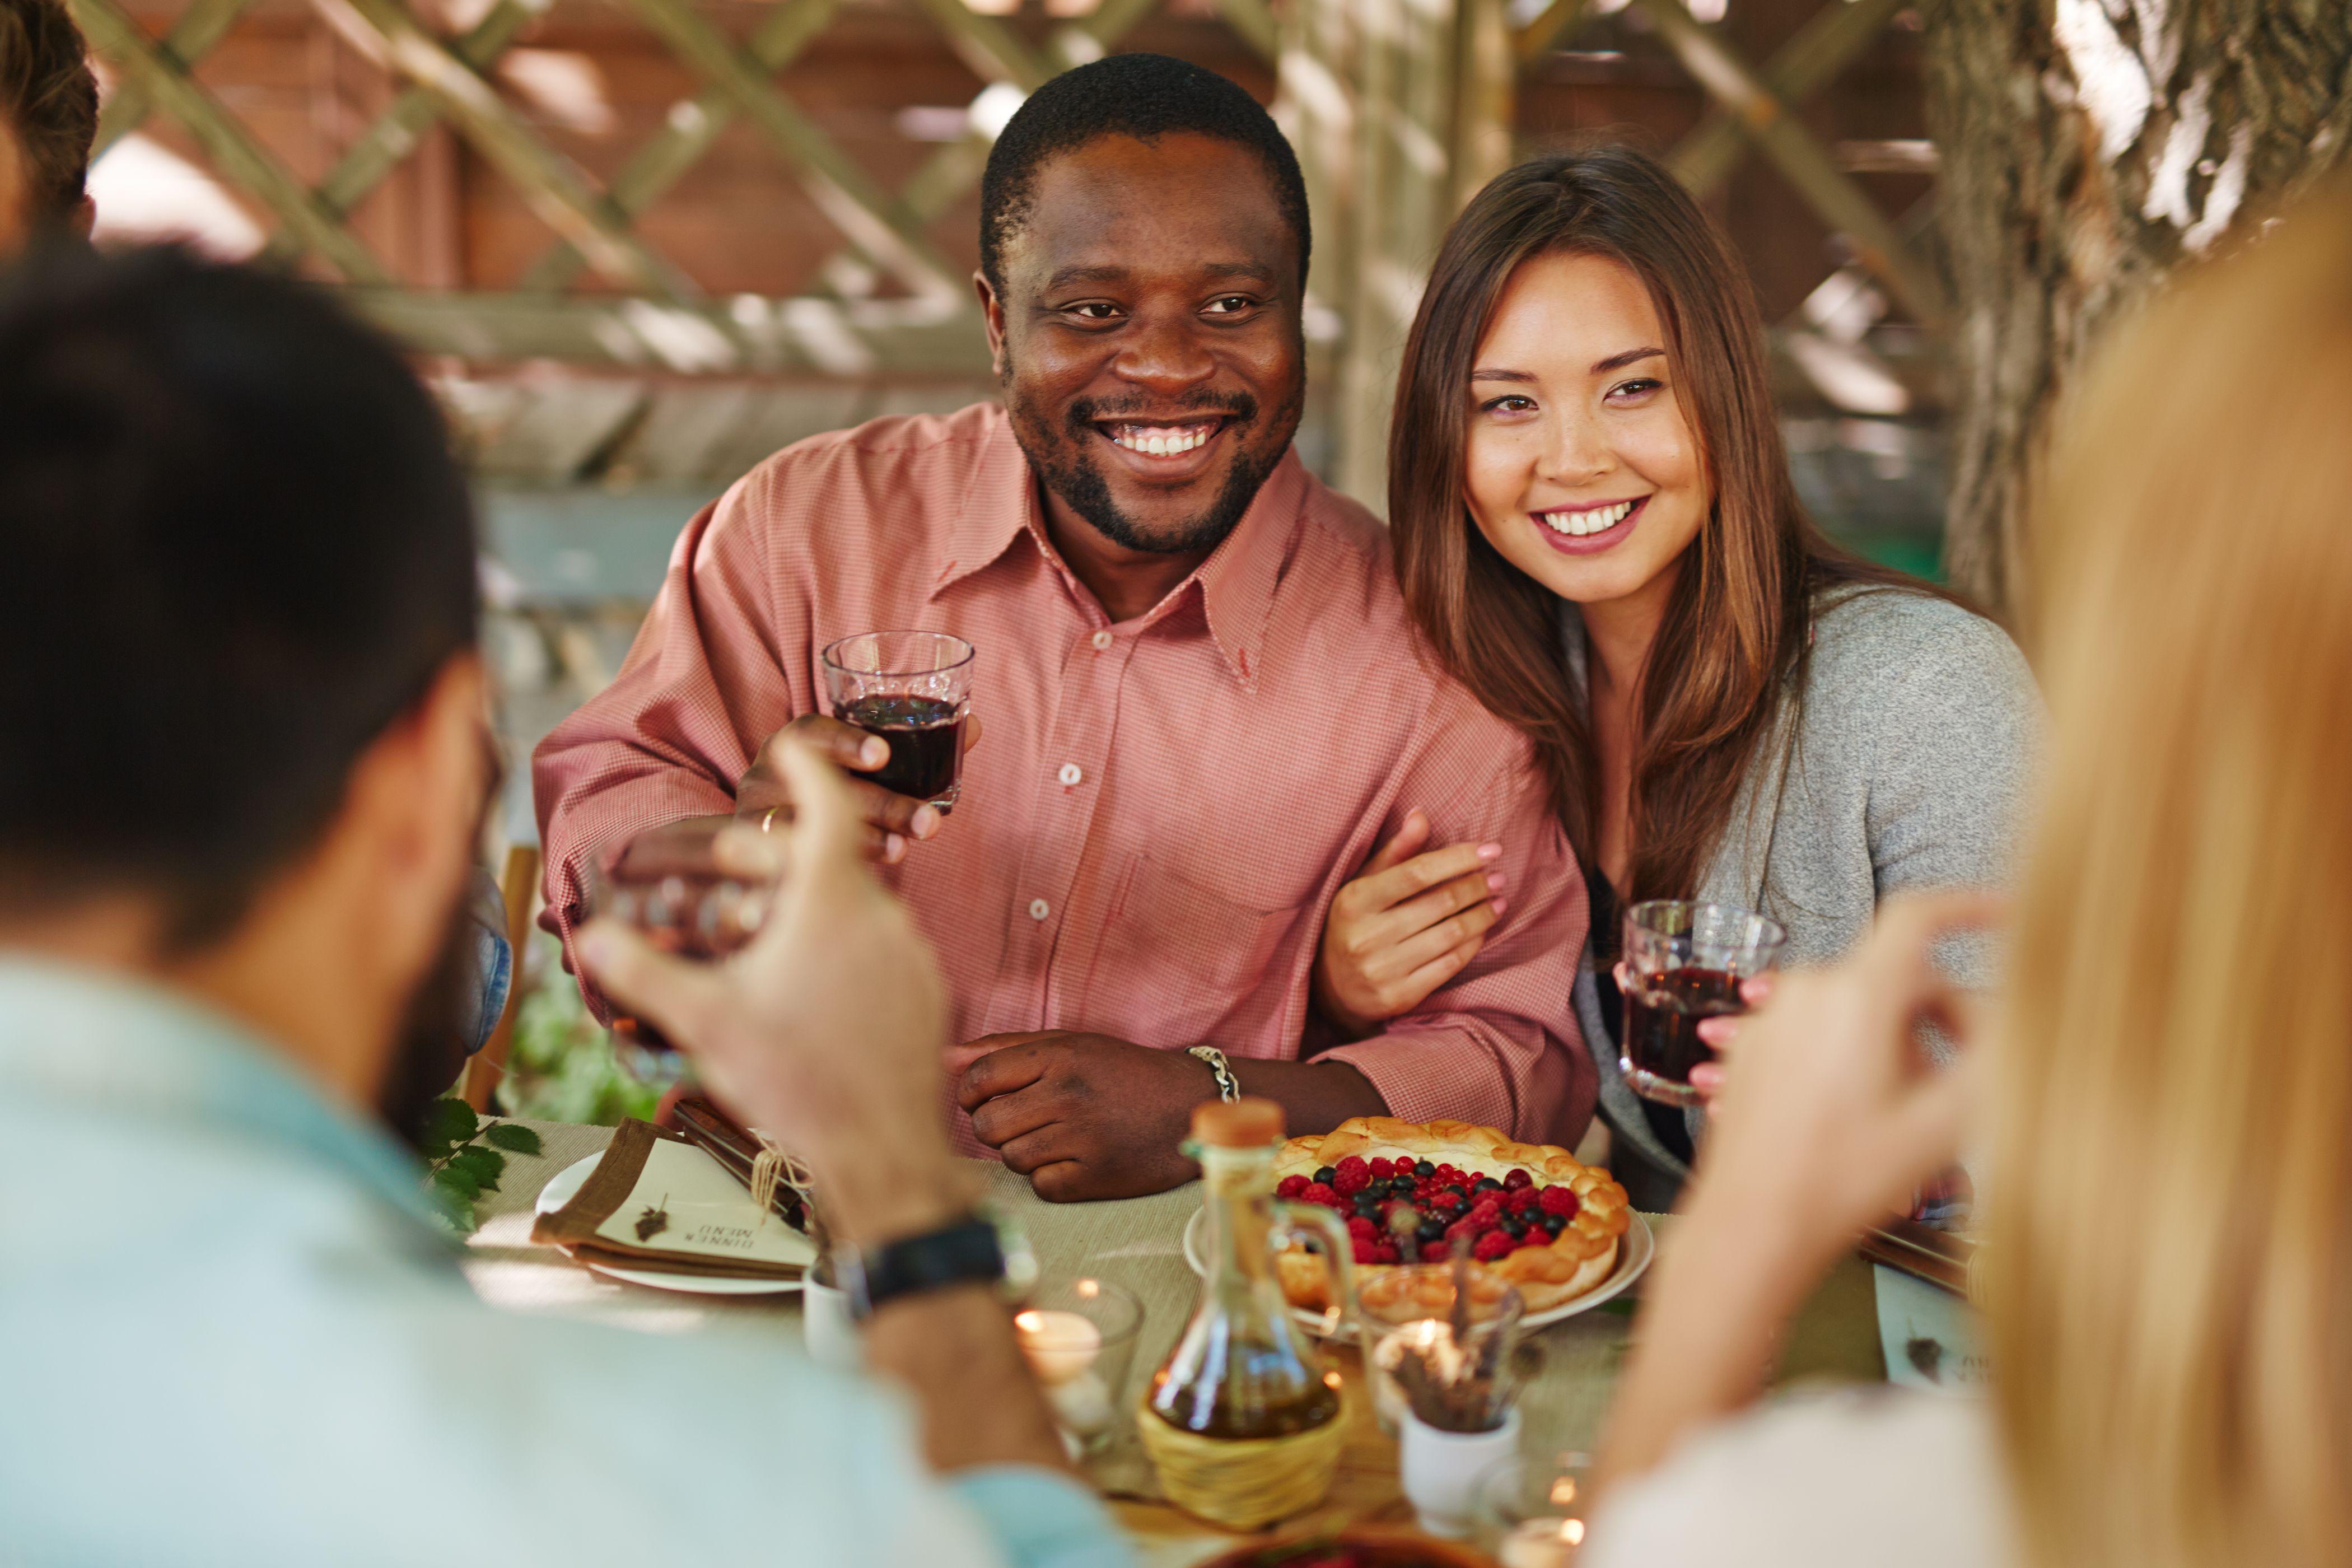 Hva er meningen med utelukkende dating